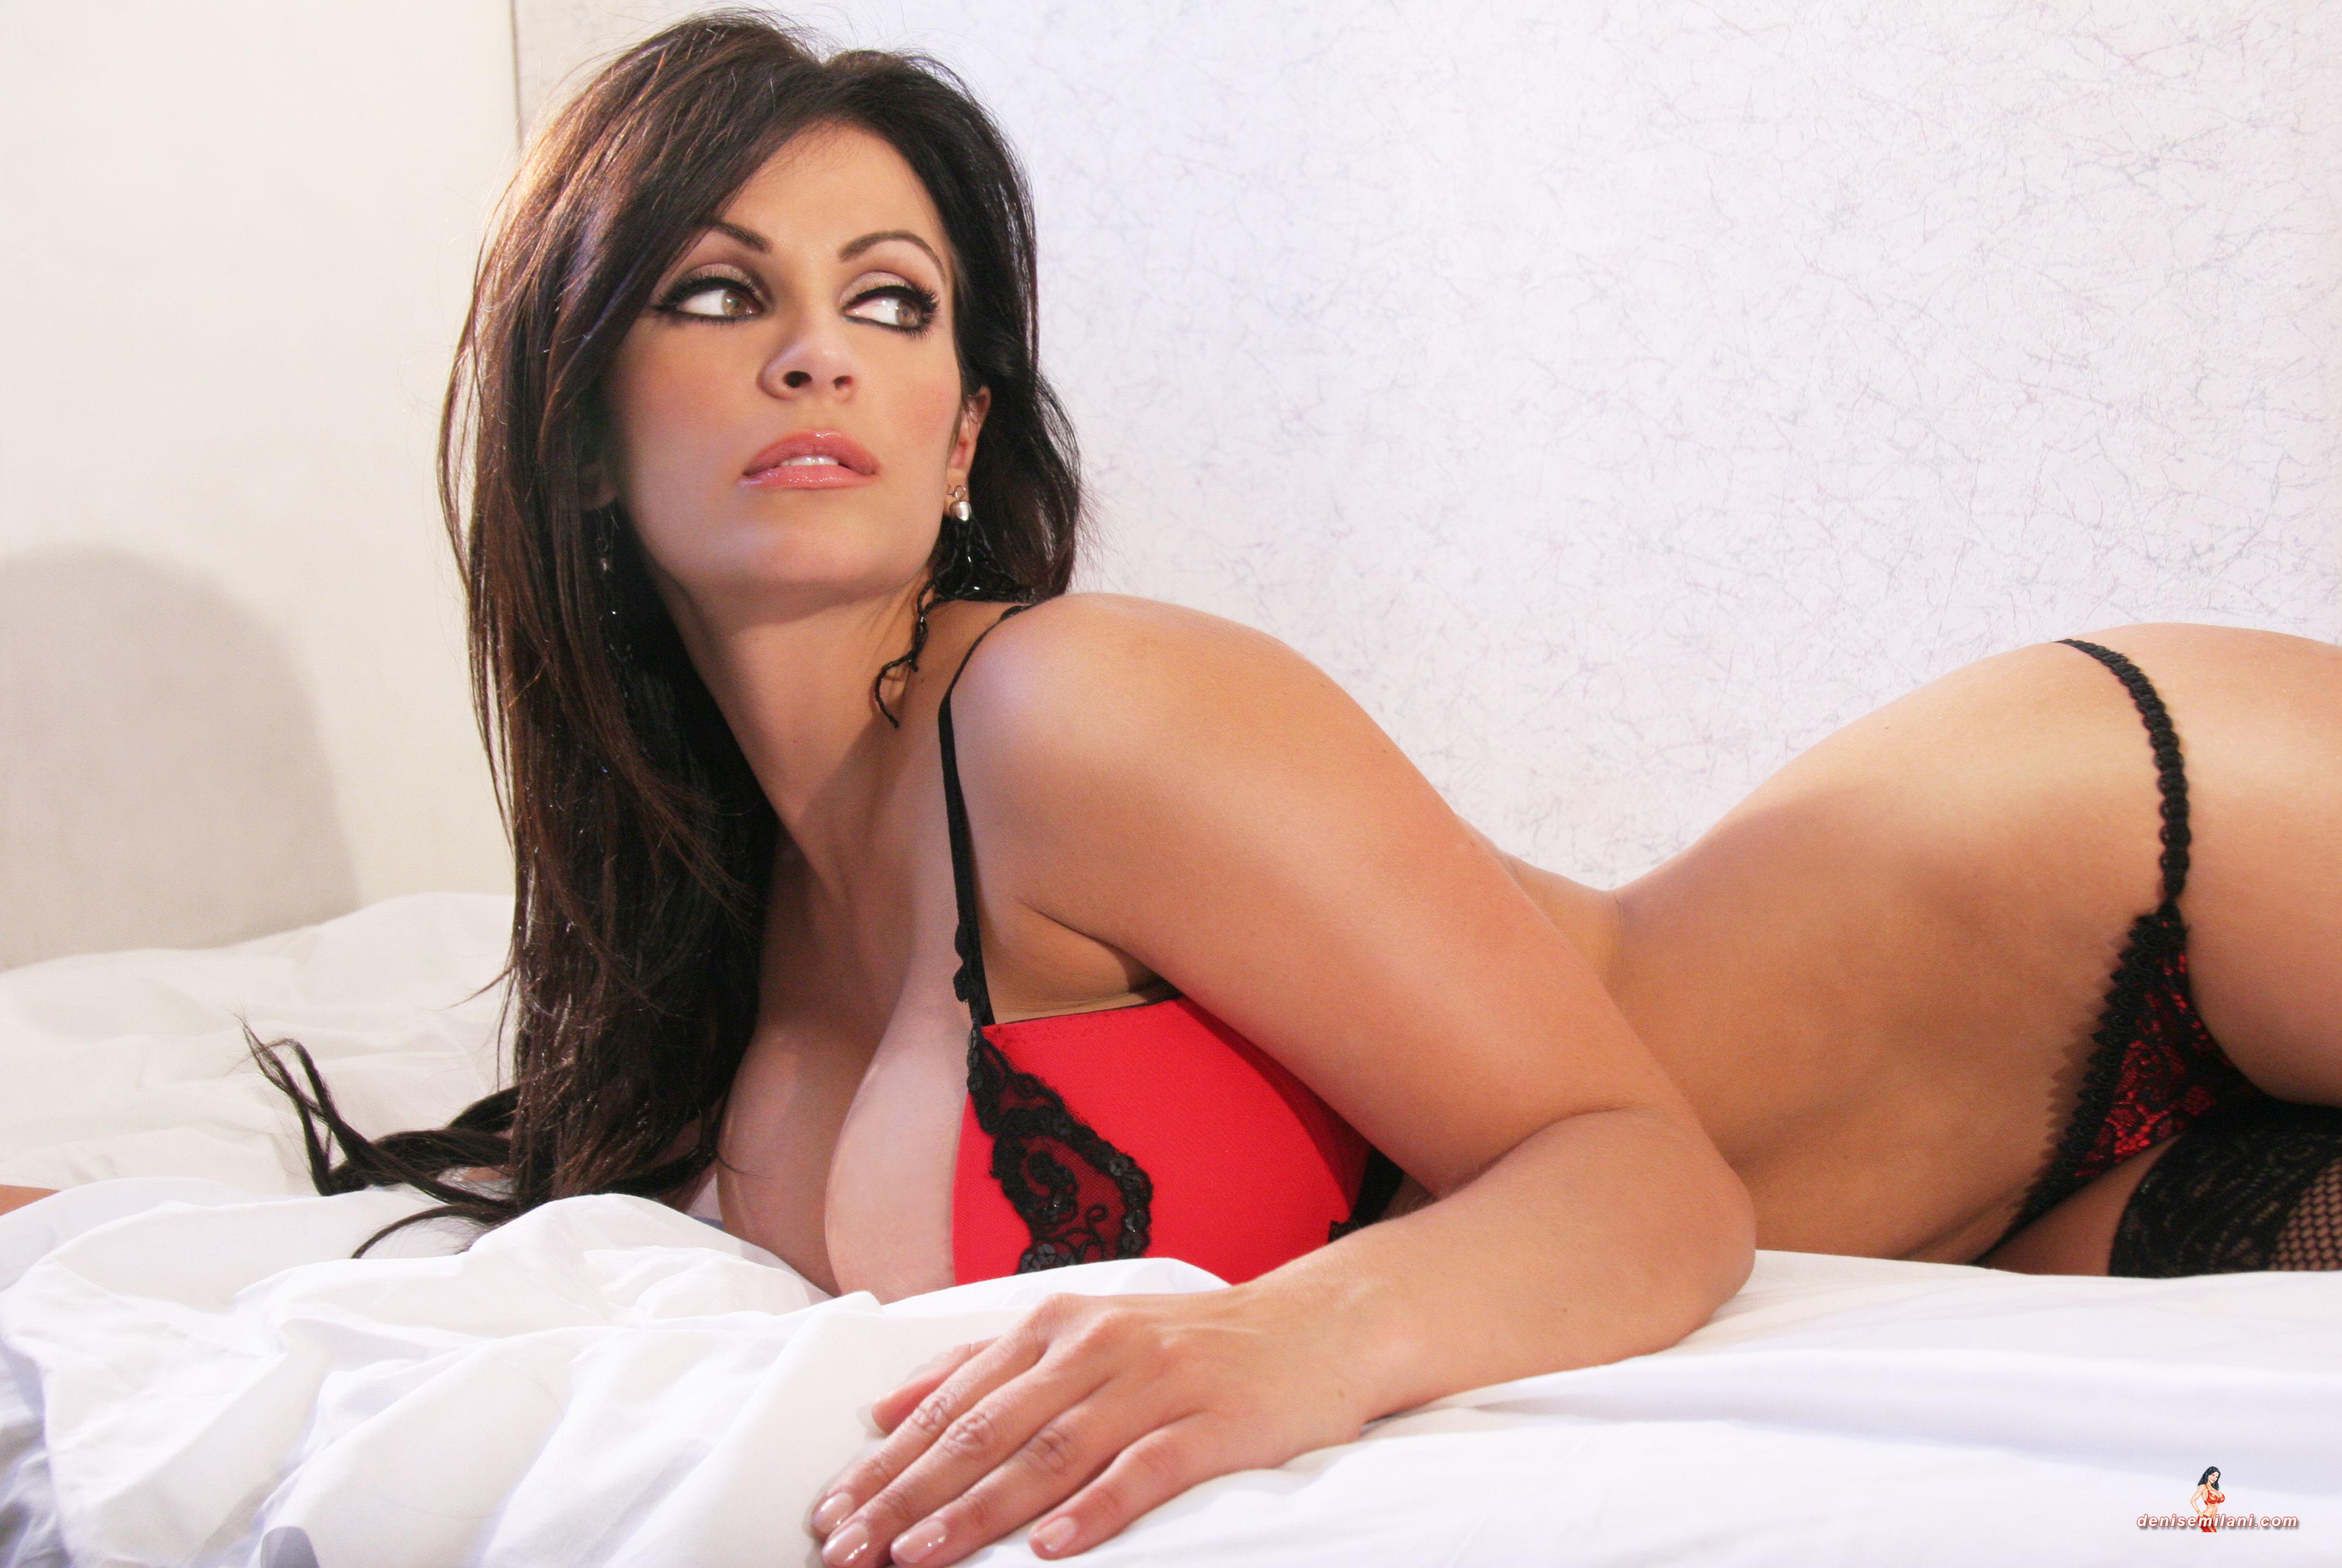 Шикарная девочка порно смотреть онлайн 22 фотография